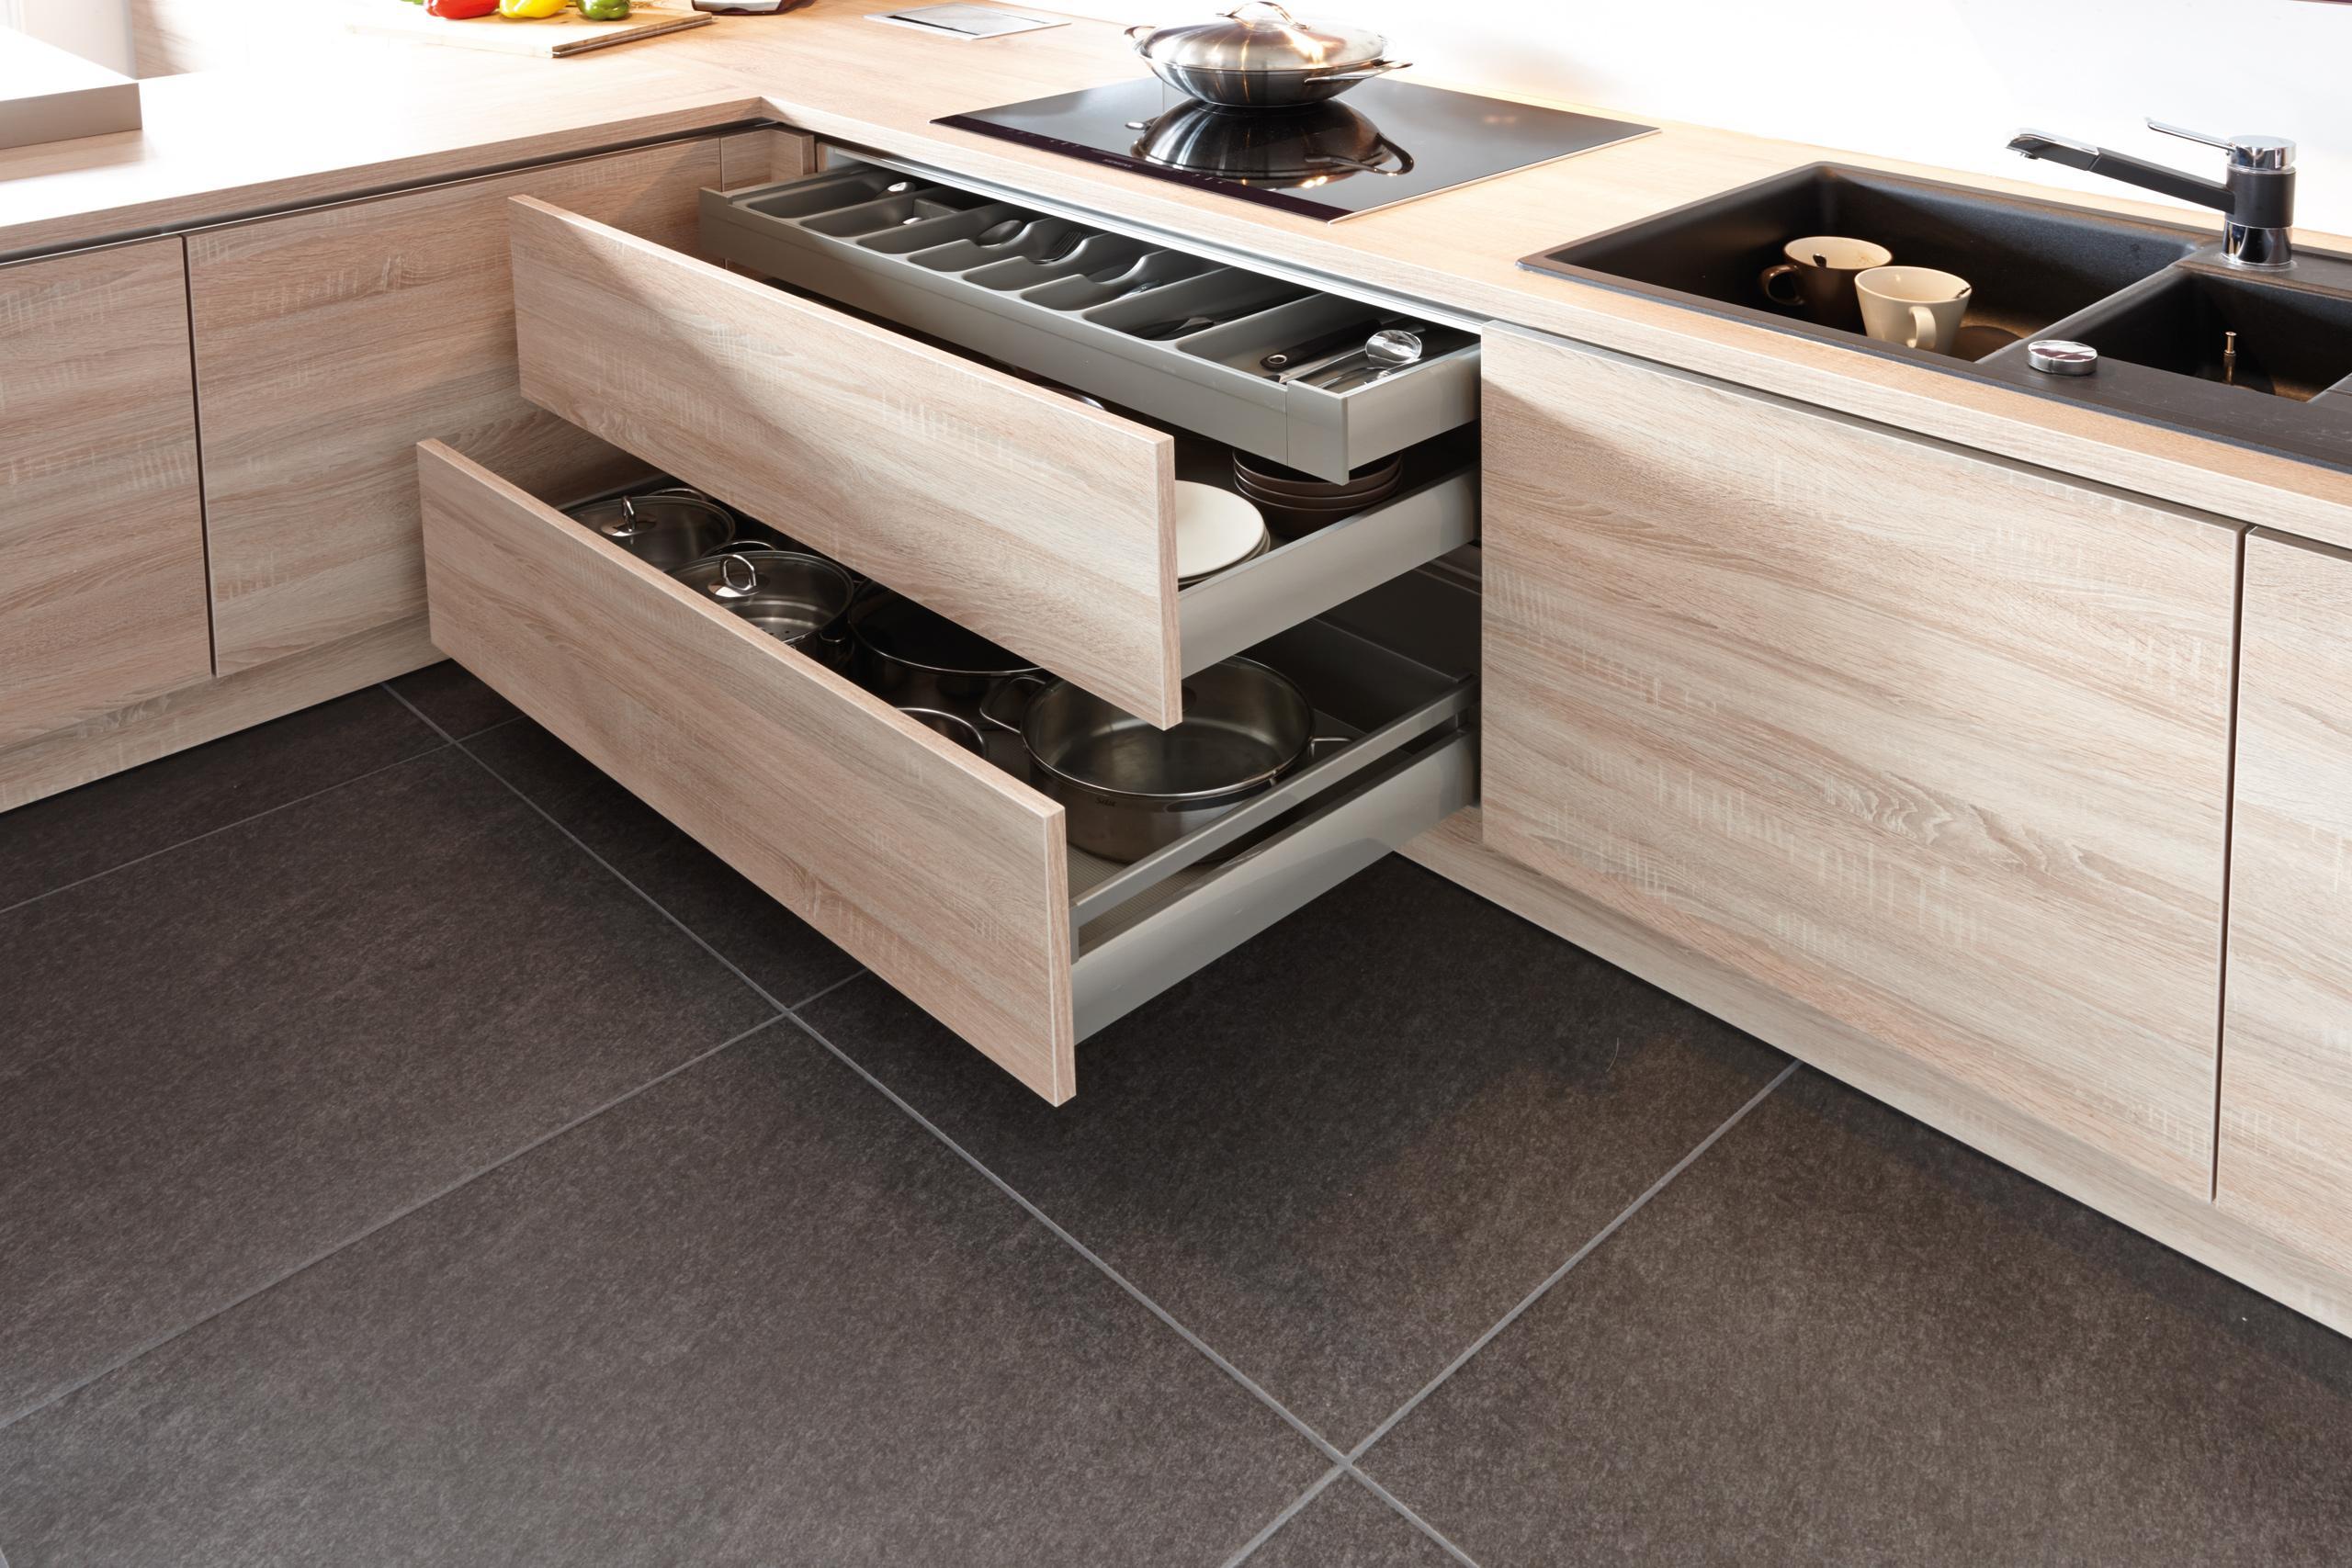 Breite Auszugschränke unter dem Kochfeld #küche ©Küc